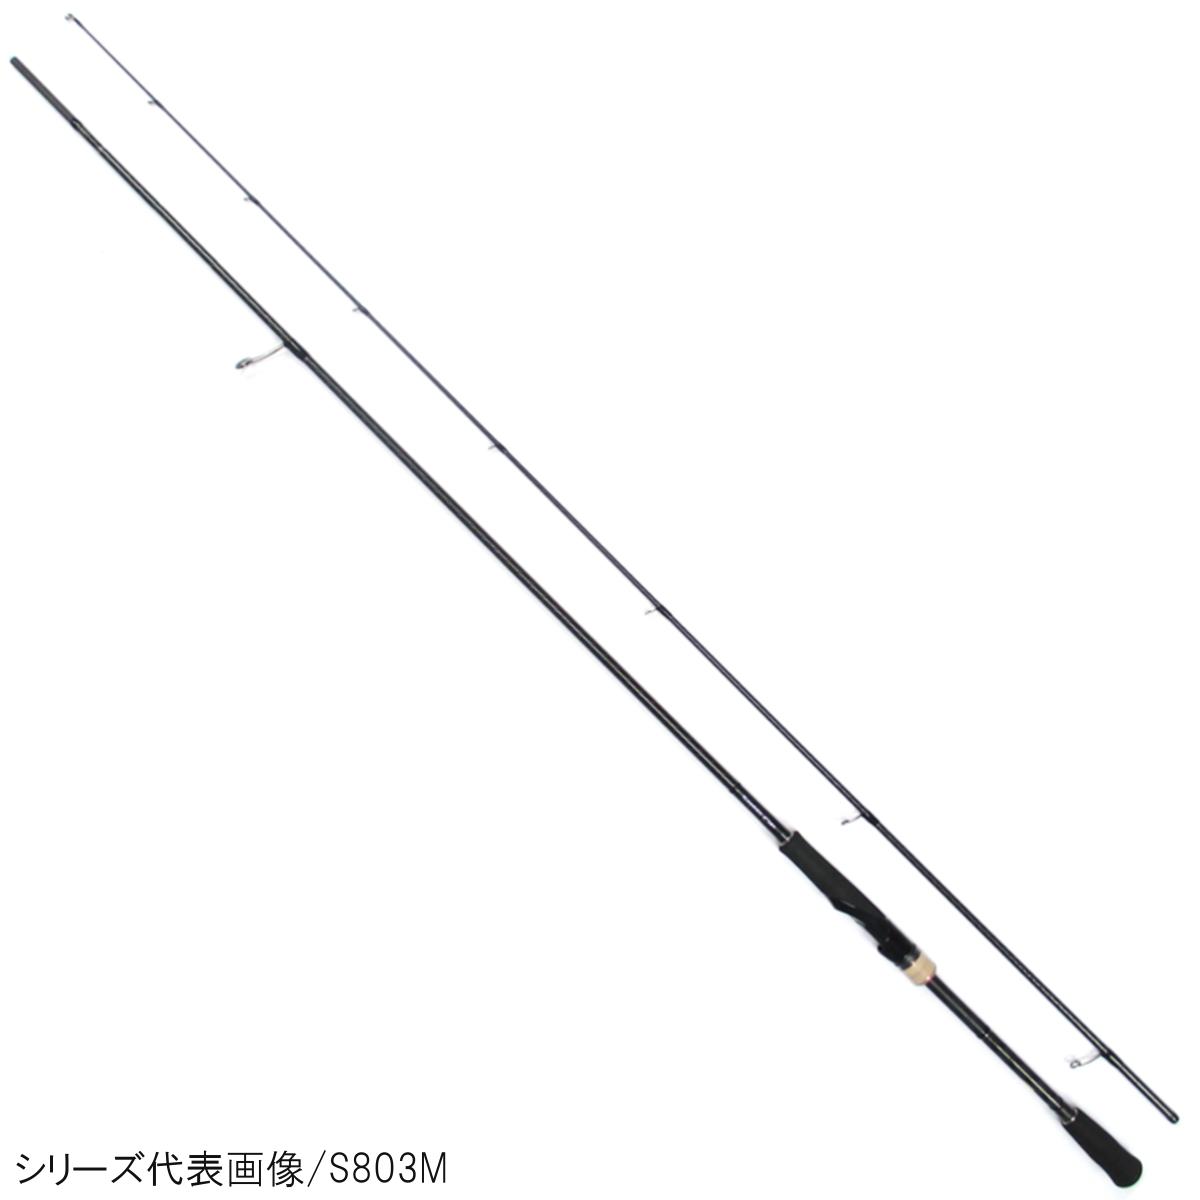 シマノ セフィアCI4+ S810M【大型商品】(東日本店)